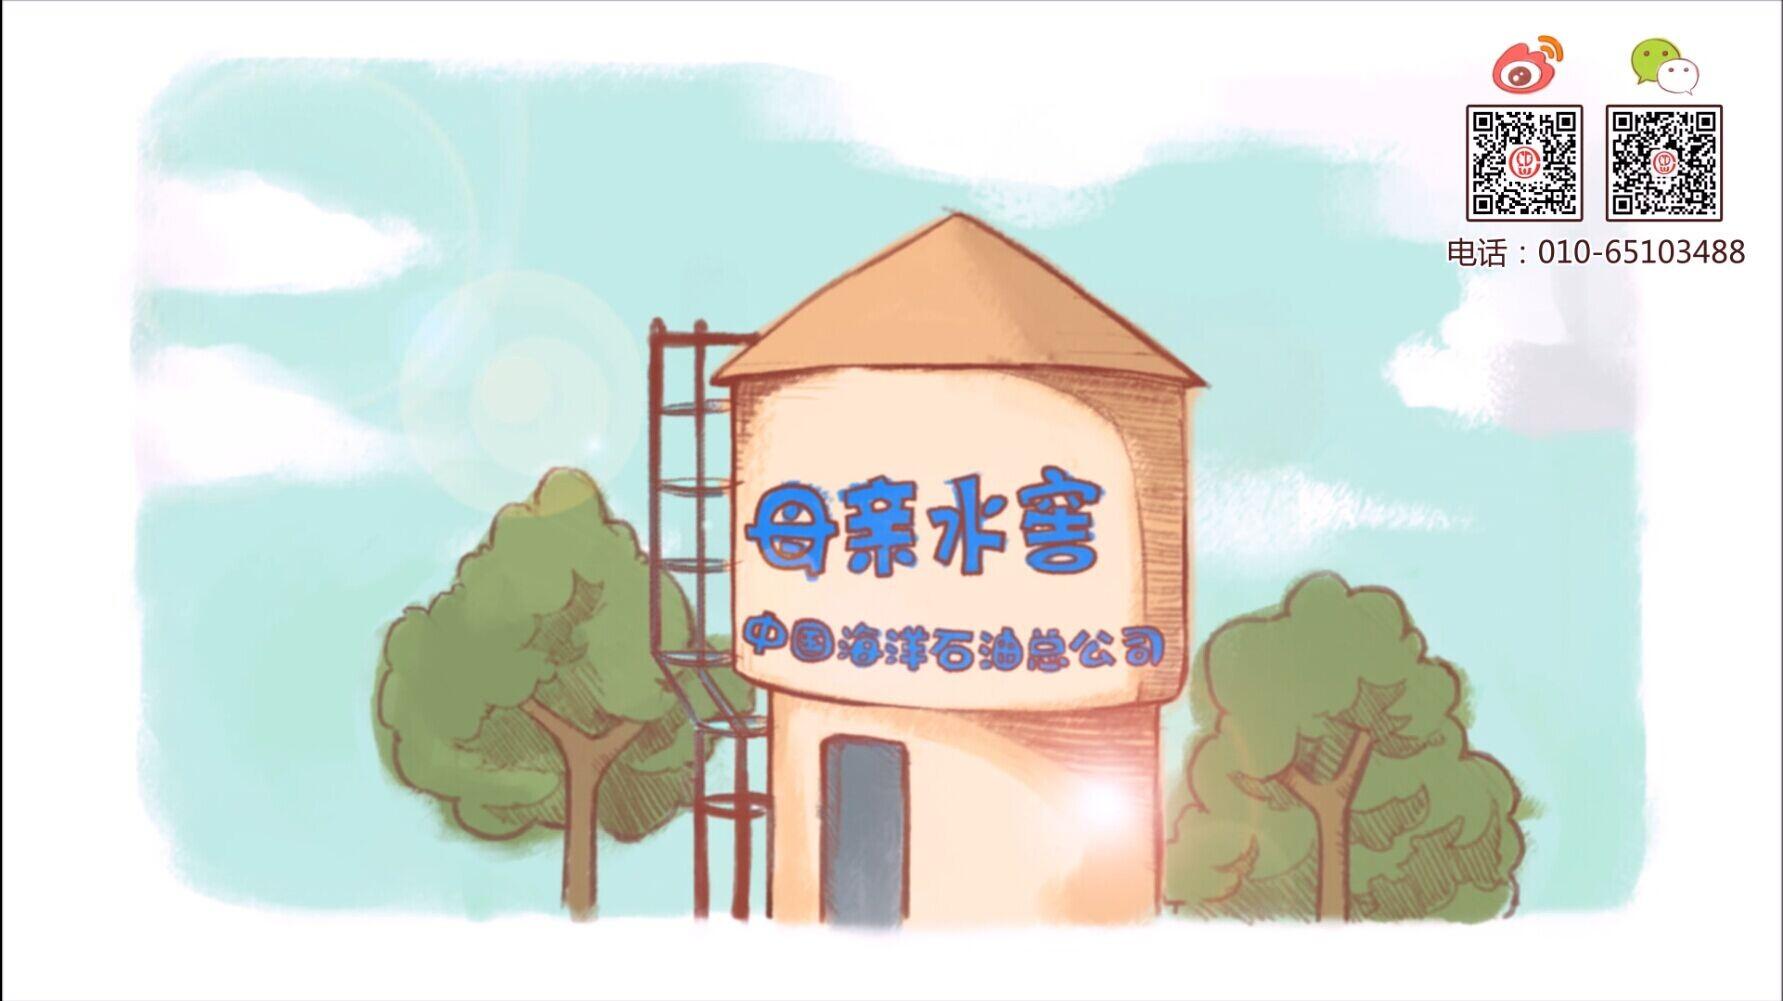 中国妇女发展基金会发布动漫视频 再次呼吁大家关注饮水安全